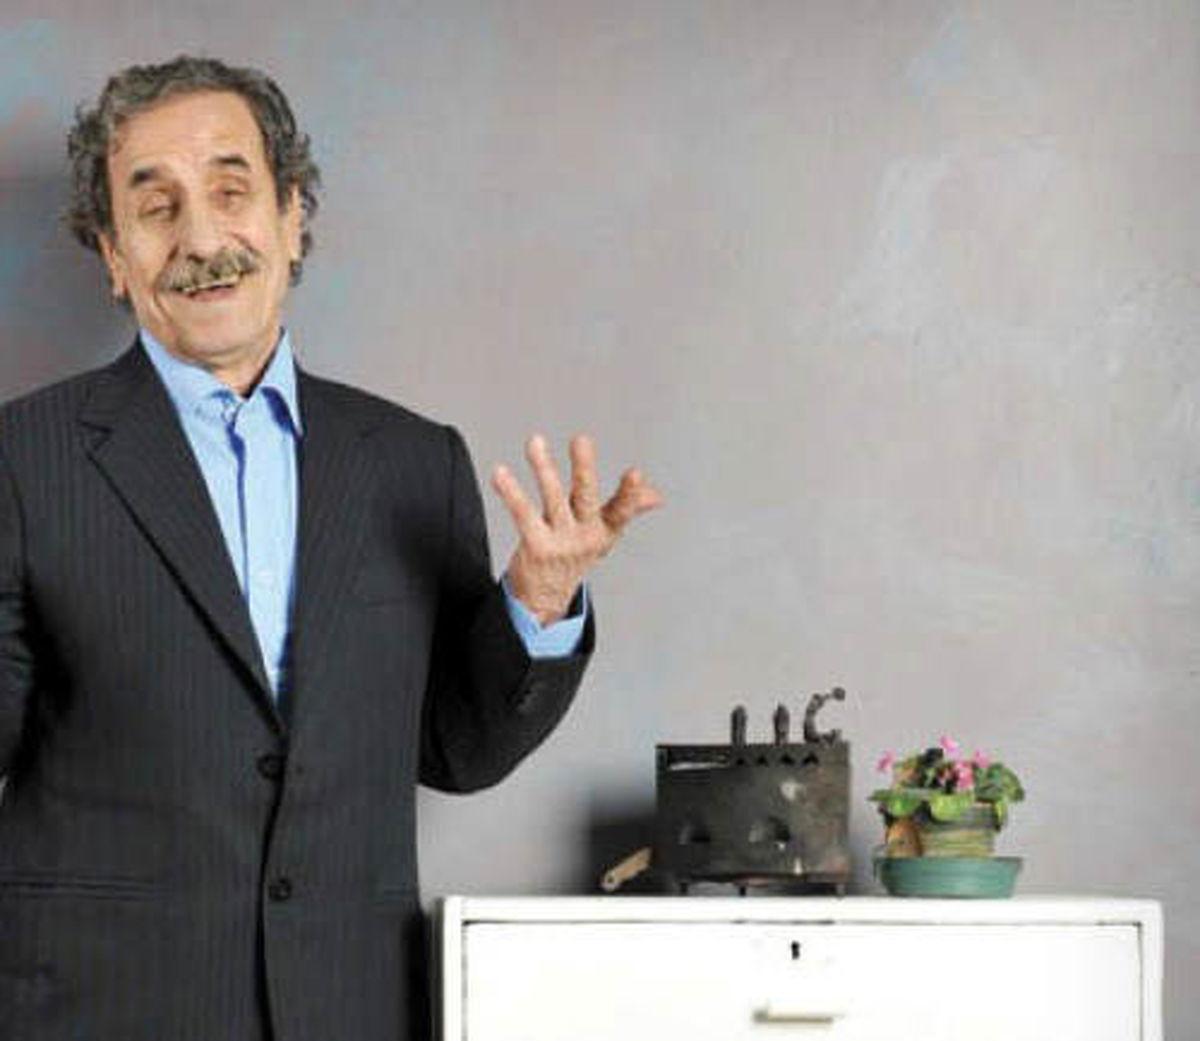 بازیگر ممنوع التصویر برای نقش احمدی نژاد اعلام آمادگی کرد+عکس